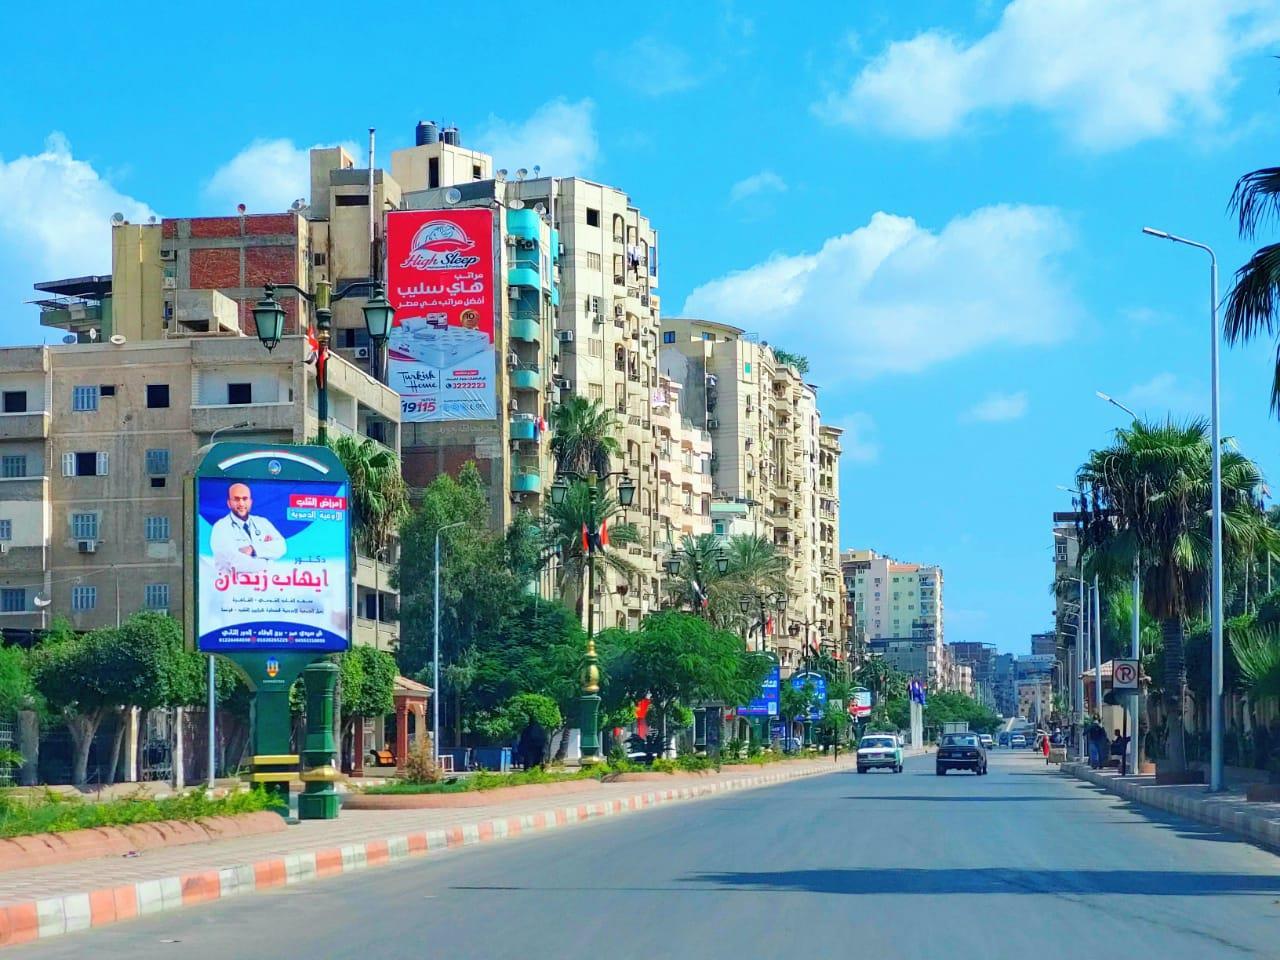 الانتهاء من تطوير شارع عبد السلام الشاذلي بدمنهور  بتكلفة 35 مليون جنية